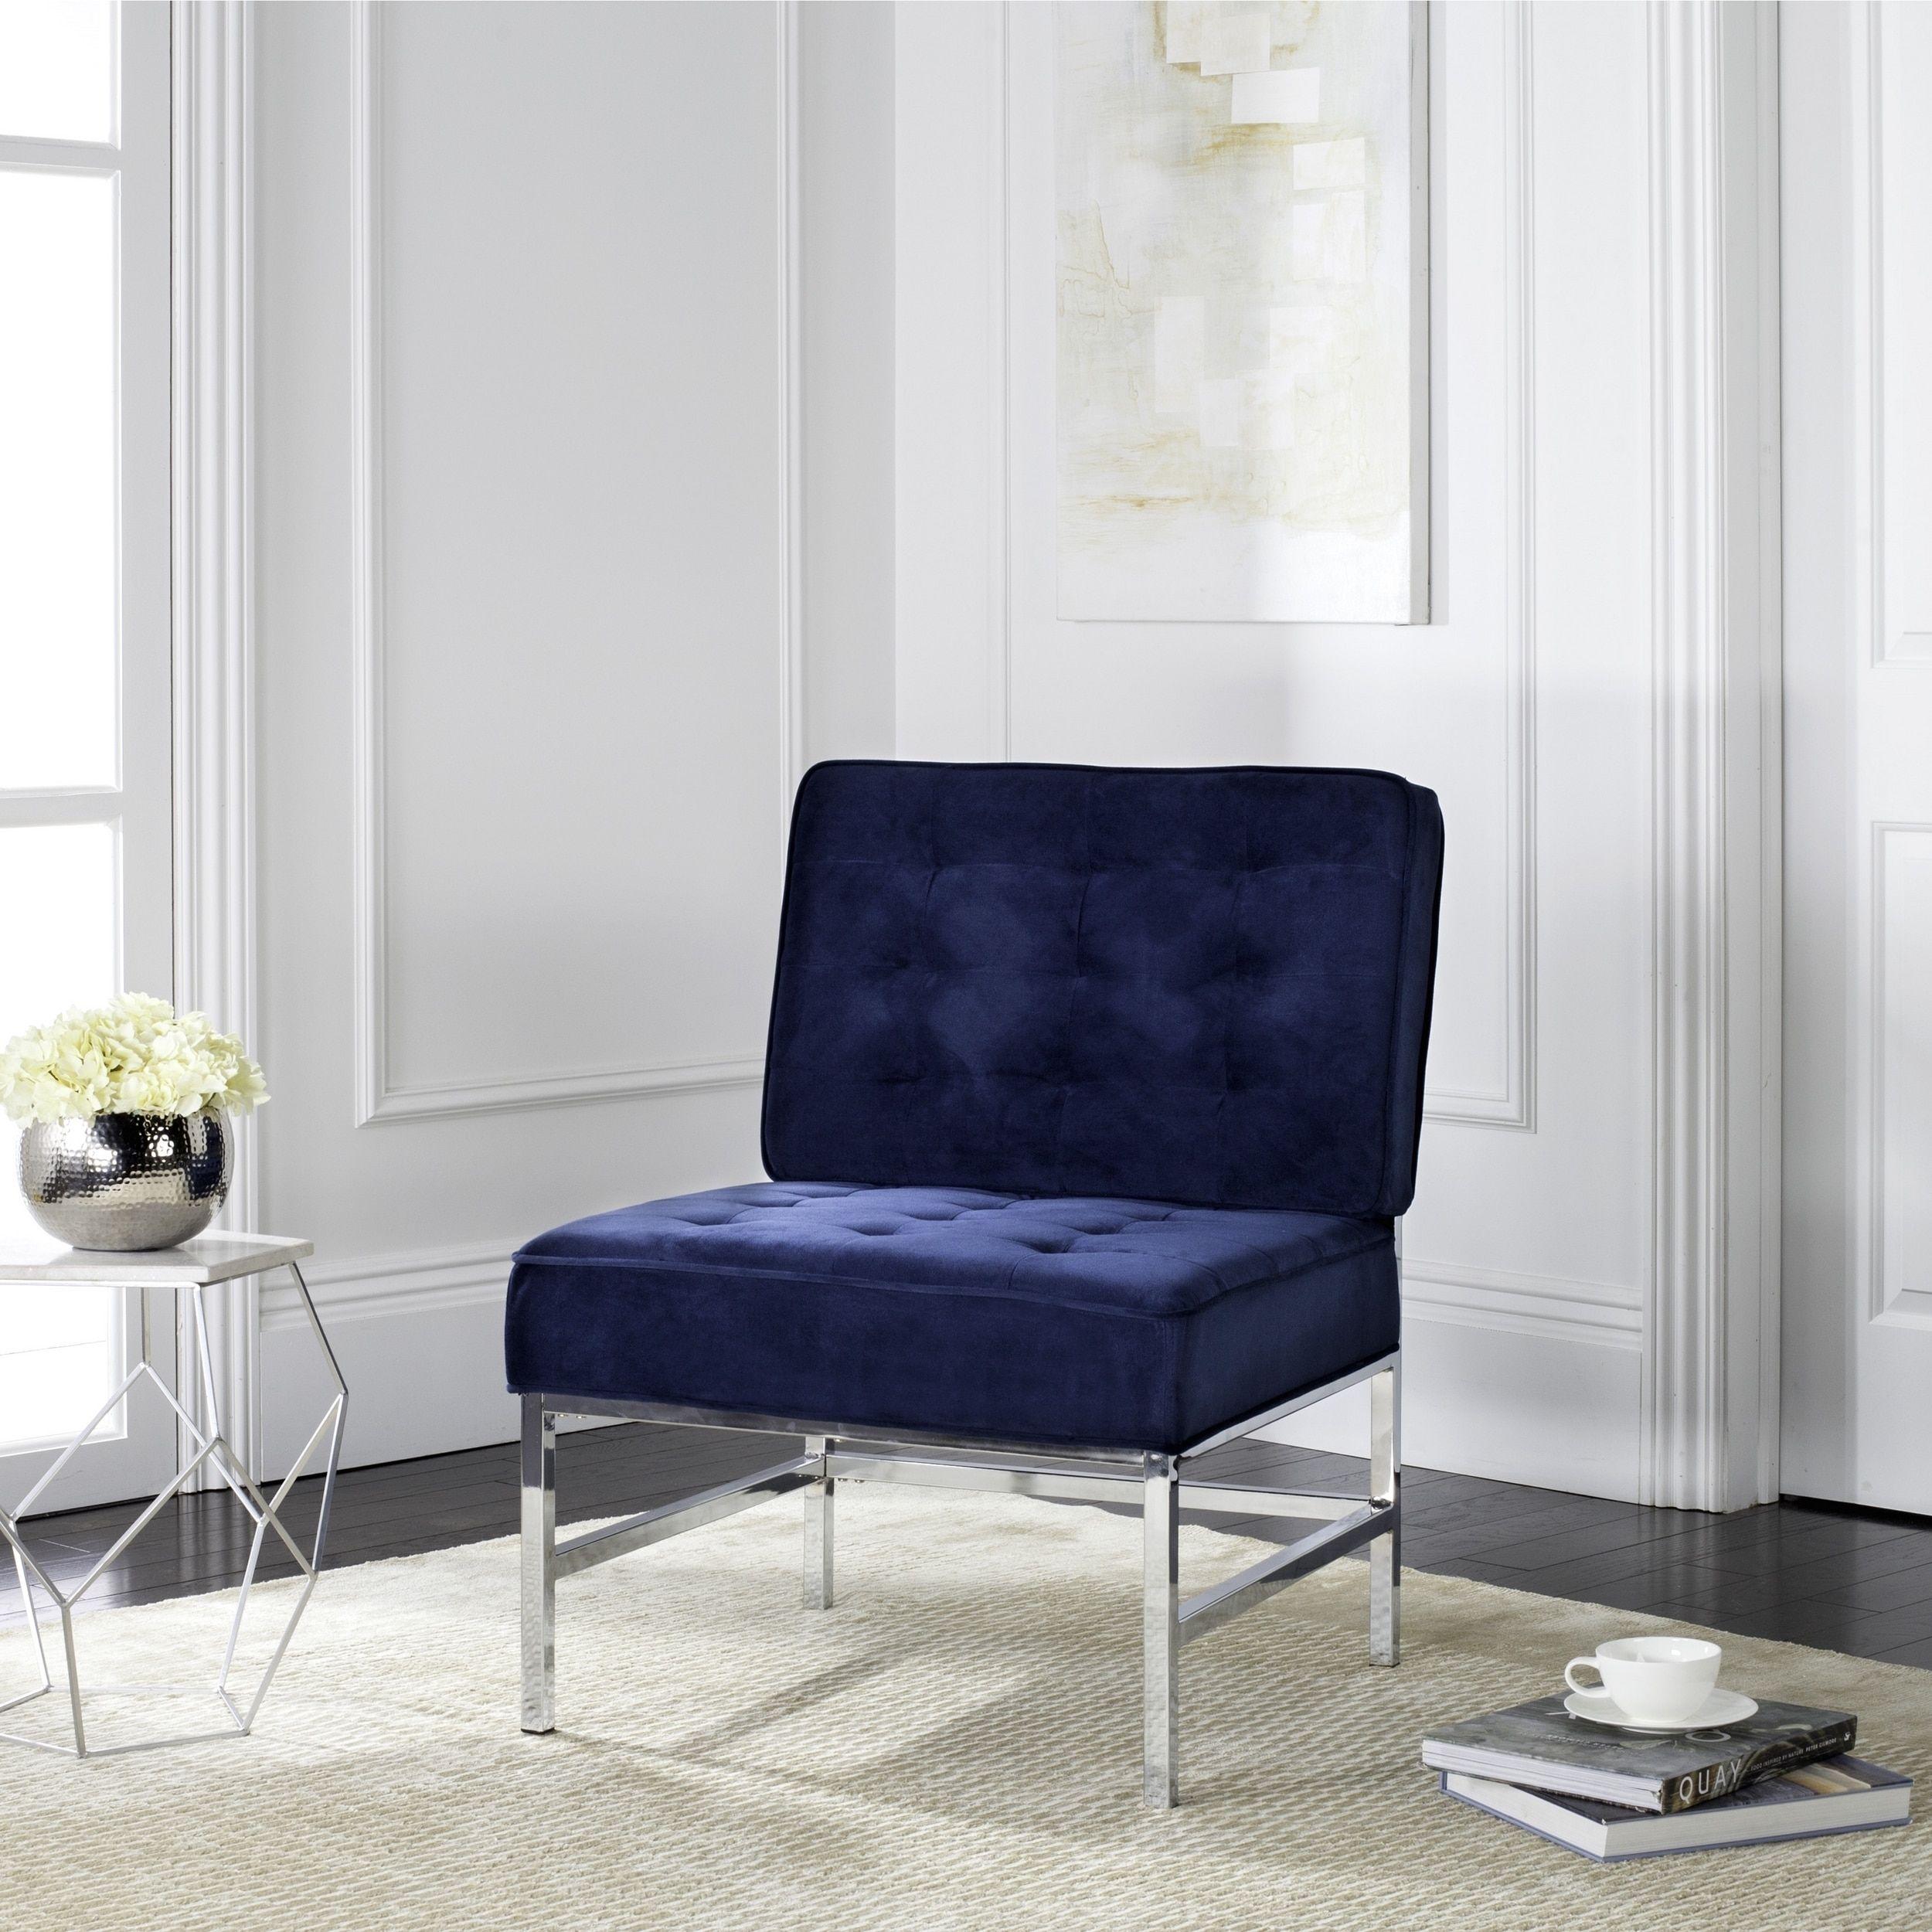 safavieh modern ansel blue velvet tufted accent chair by safavieh  - safavieh midcentury modern ansel tufted velvet chrome navy accent chair